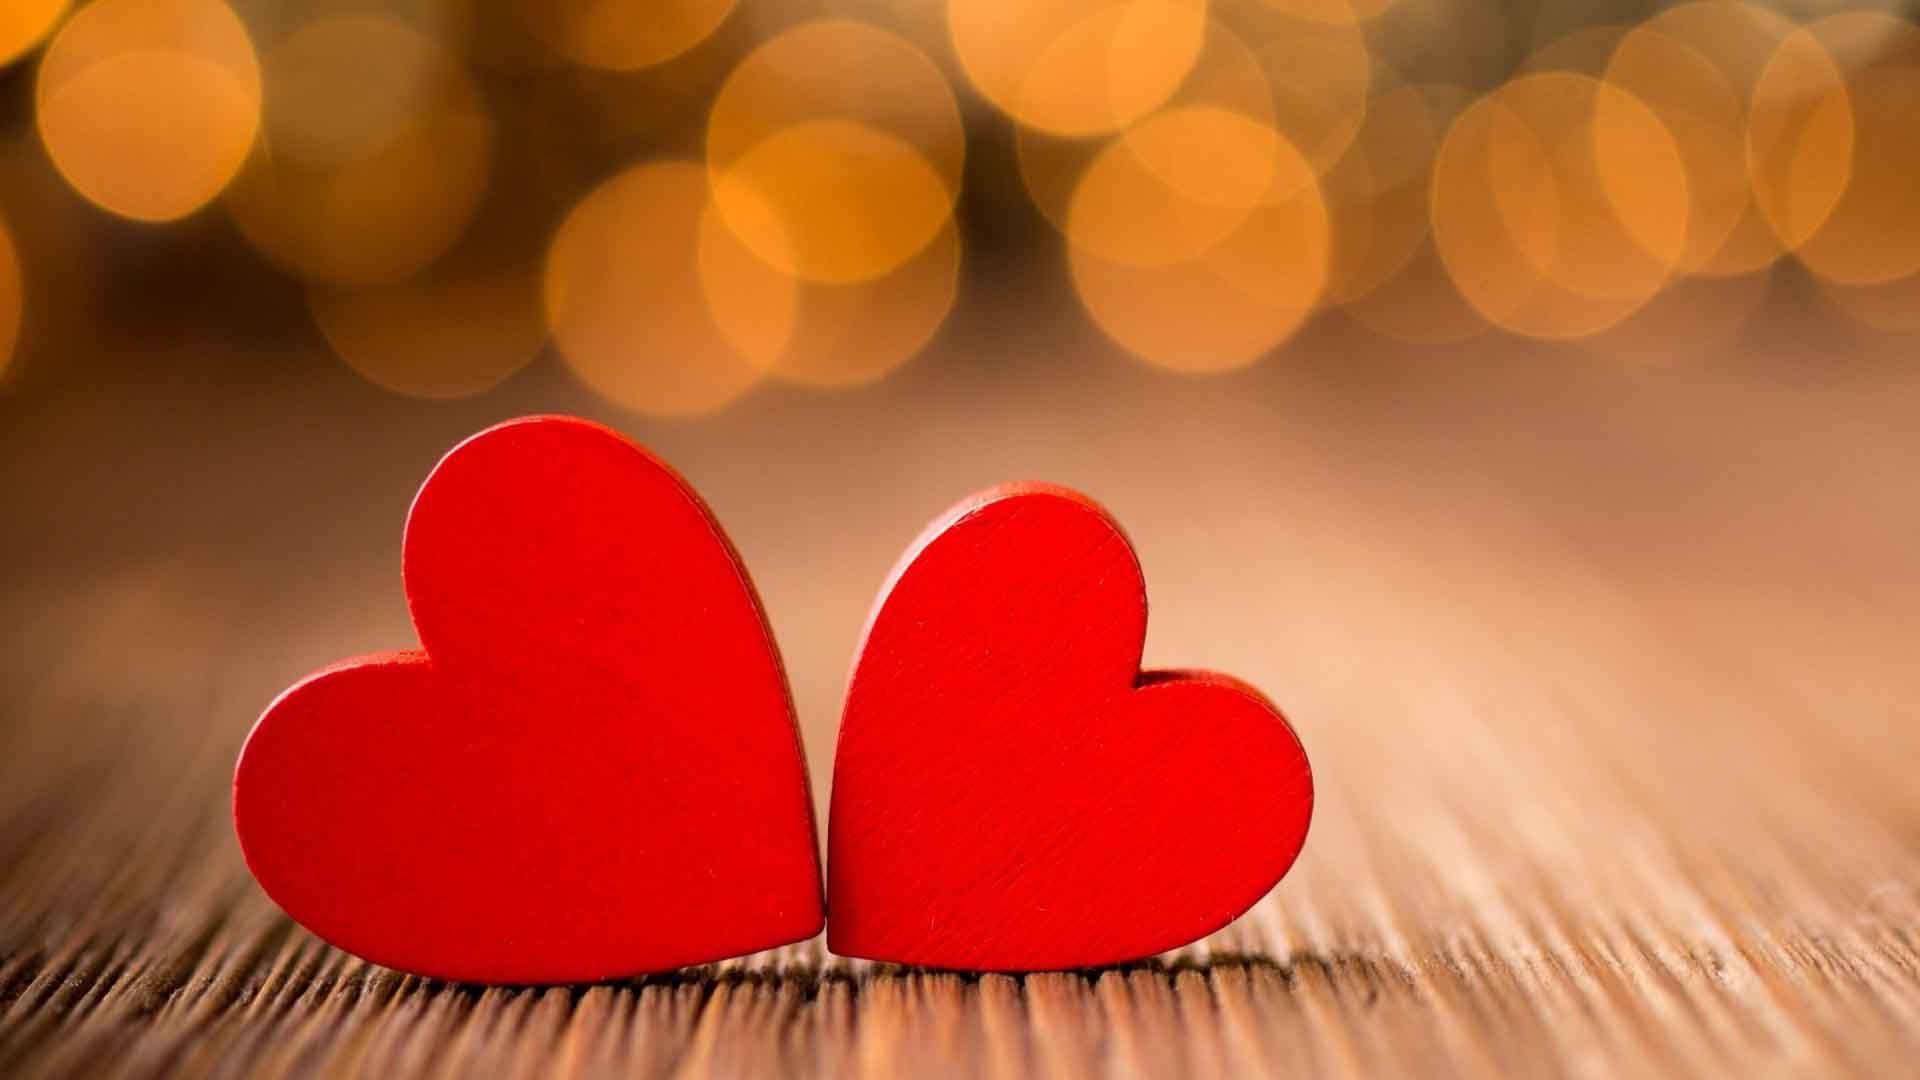 Ảnh trái tim chạm nhau